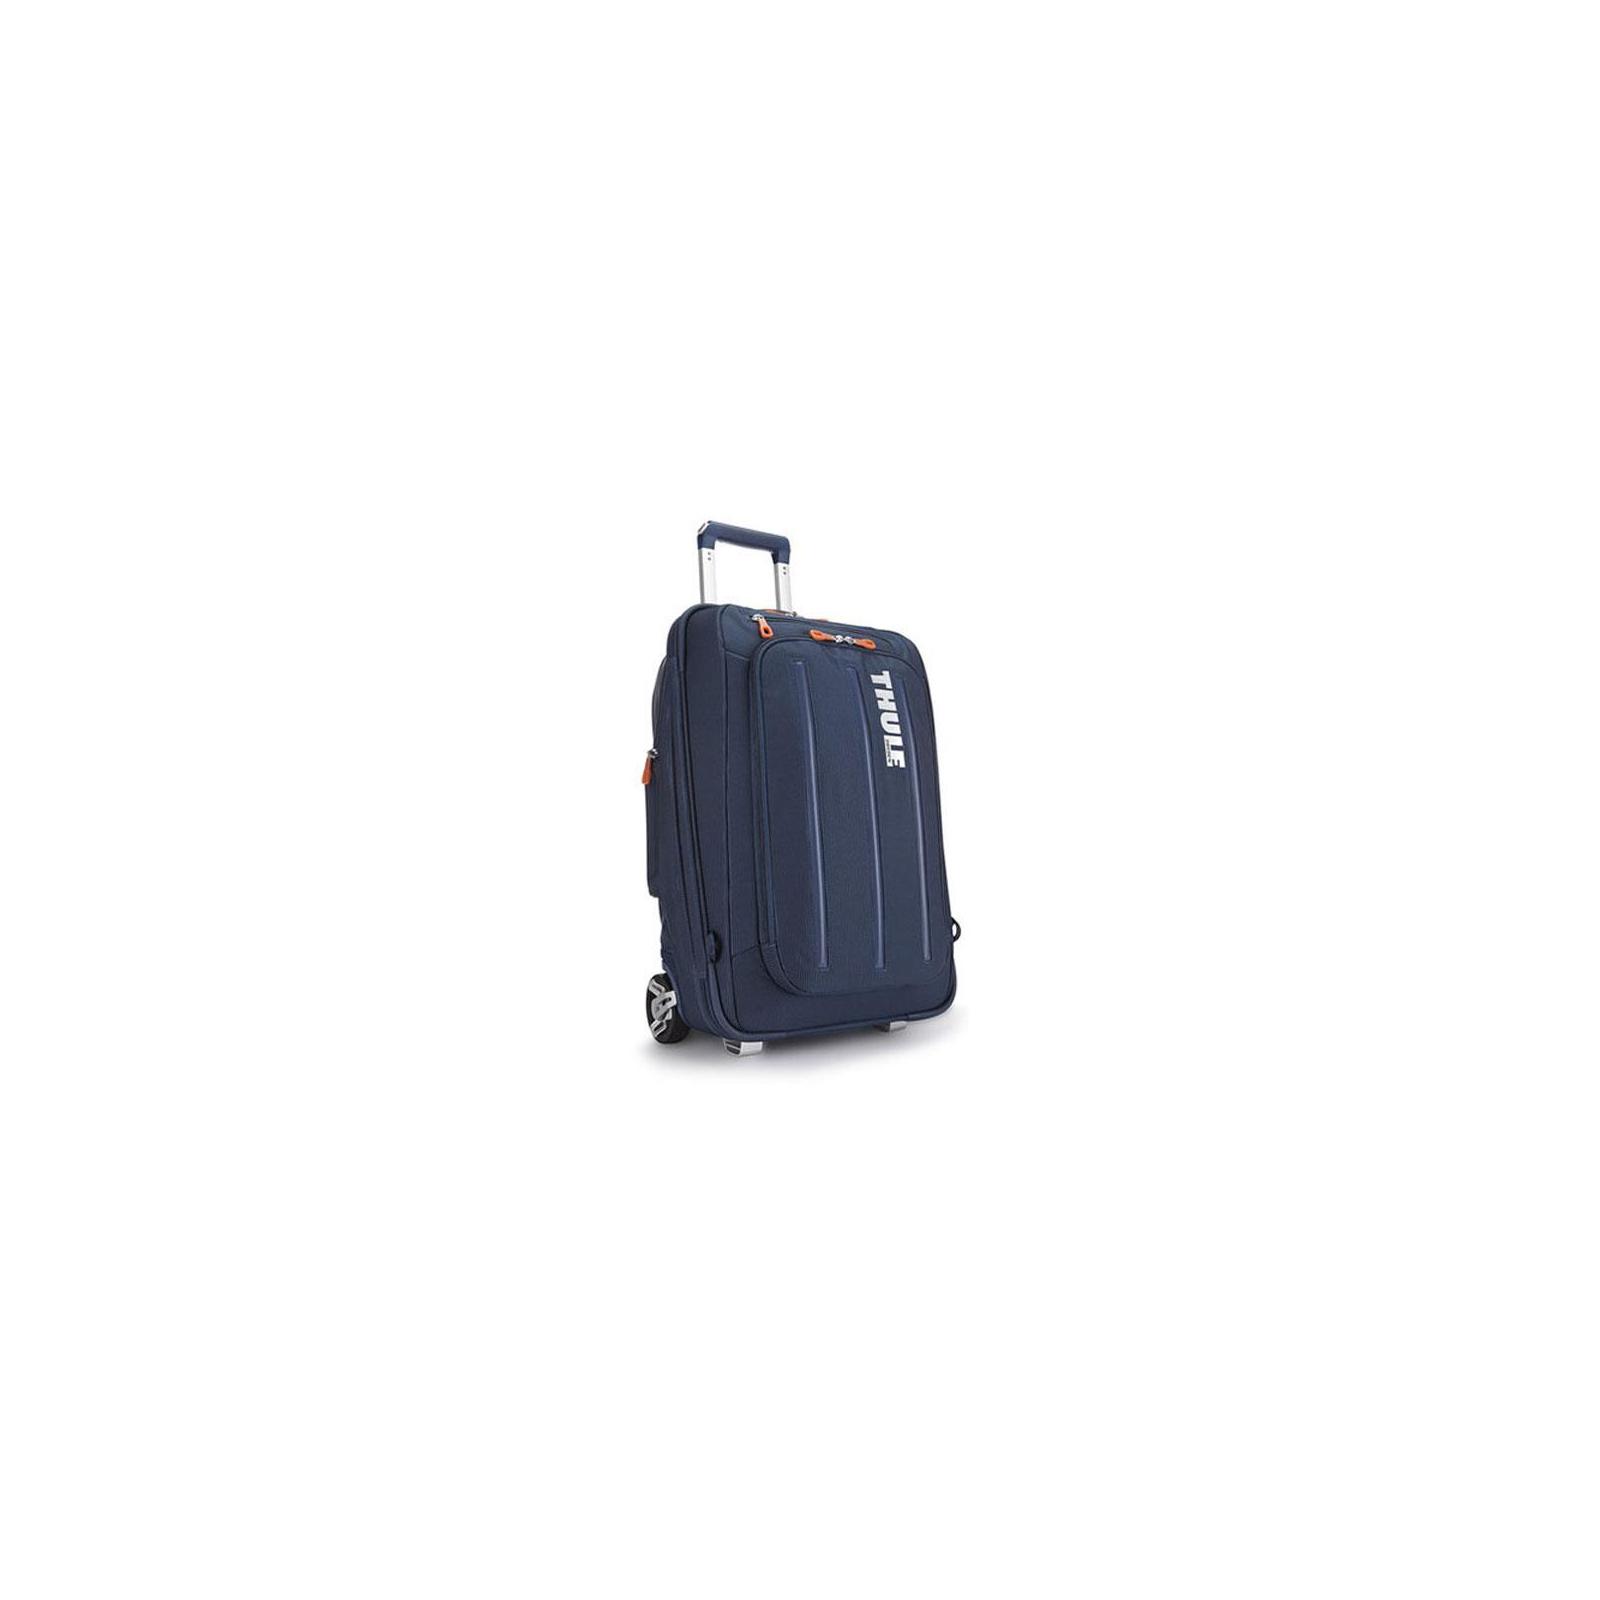 Чемодан Thule Crossover 38L Rolling Carry-On - Dark Blue (TCRU115DB)